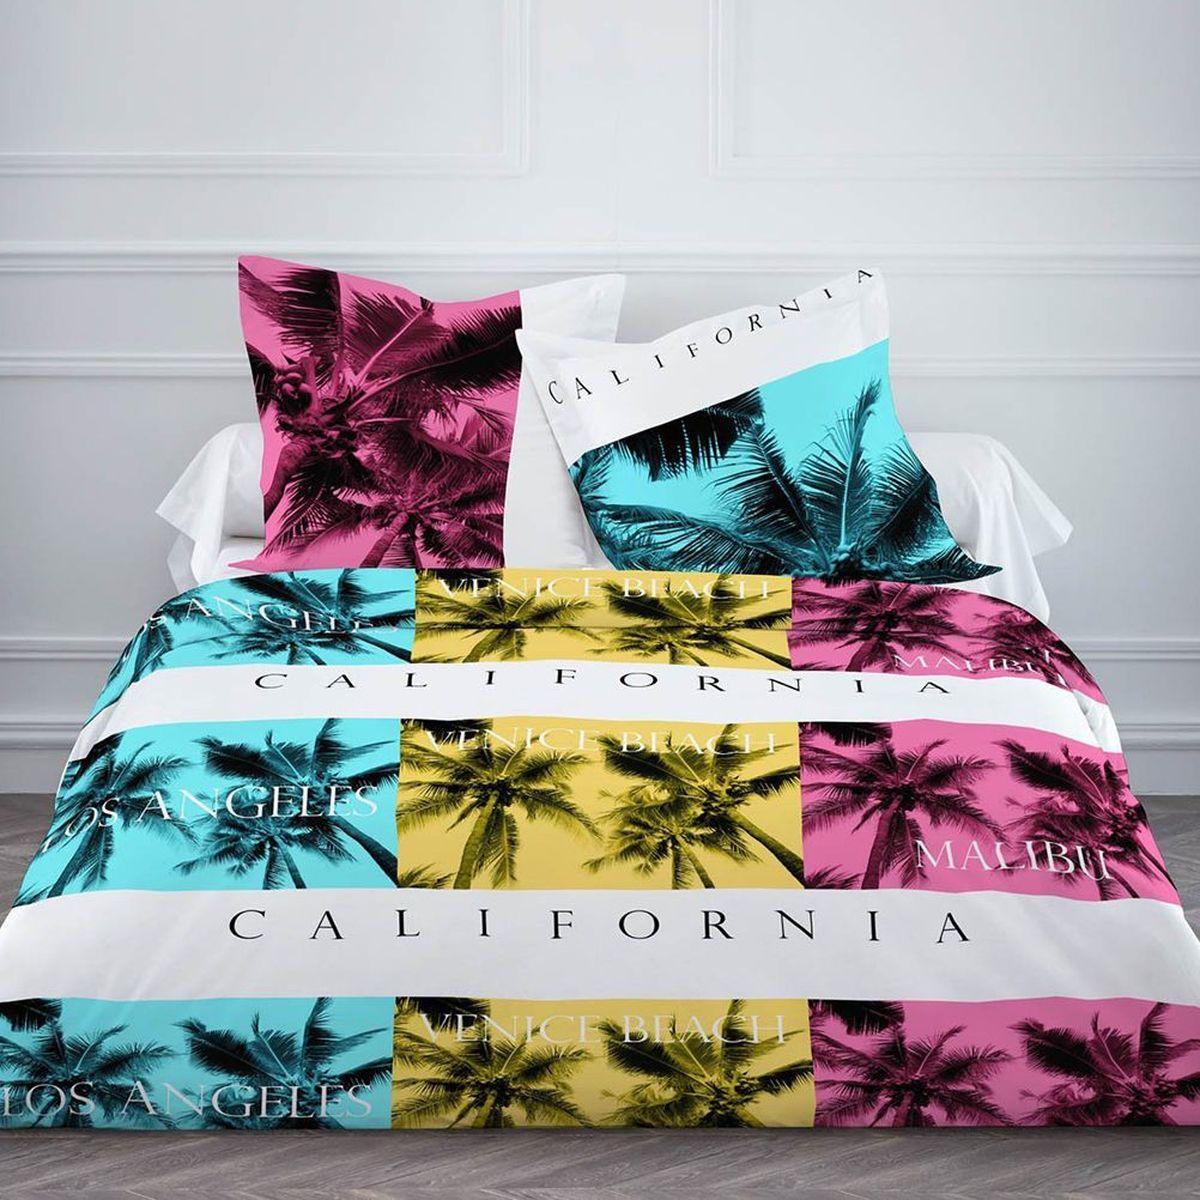 housse de couette enjoy california et deux taies 240 x 260 cm enfant fille literie linge de maison n. Black Bedroom Furniture Sets. Home Design Ideas